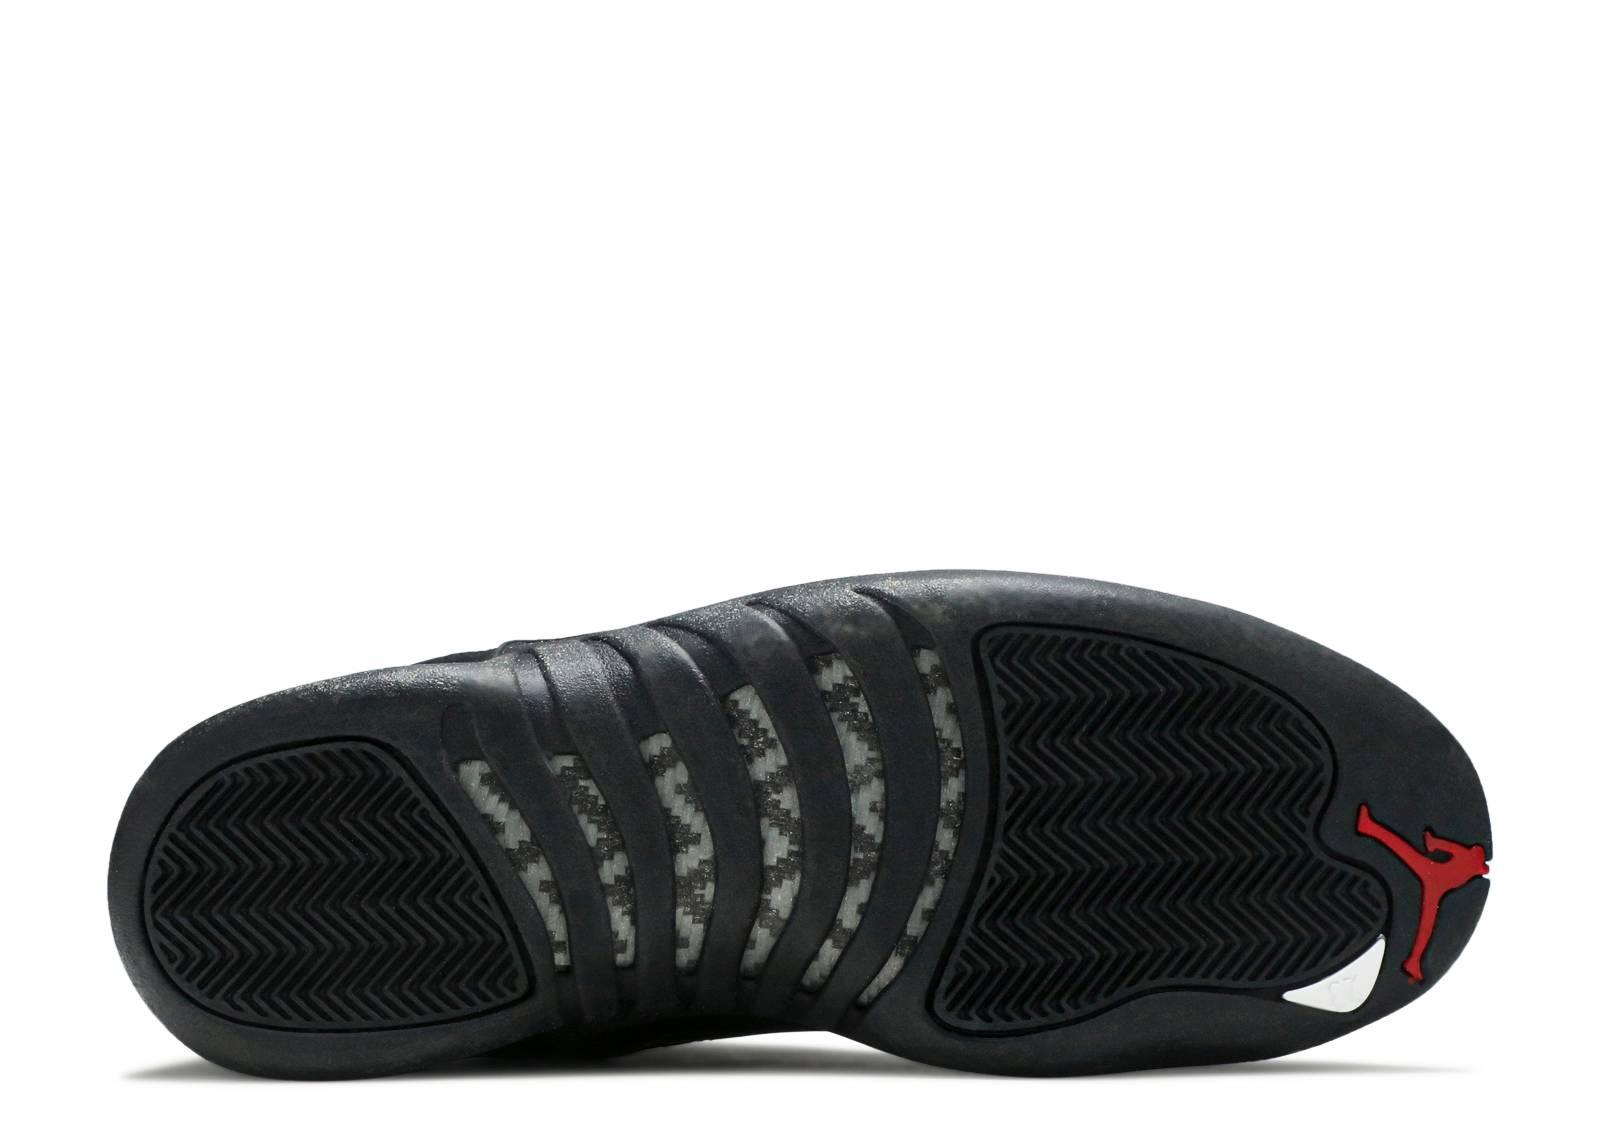 c8428a422baa Air Jordan 12 Retro Low - Air Jordan - 308317 001 - black varsity ...